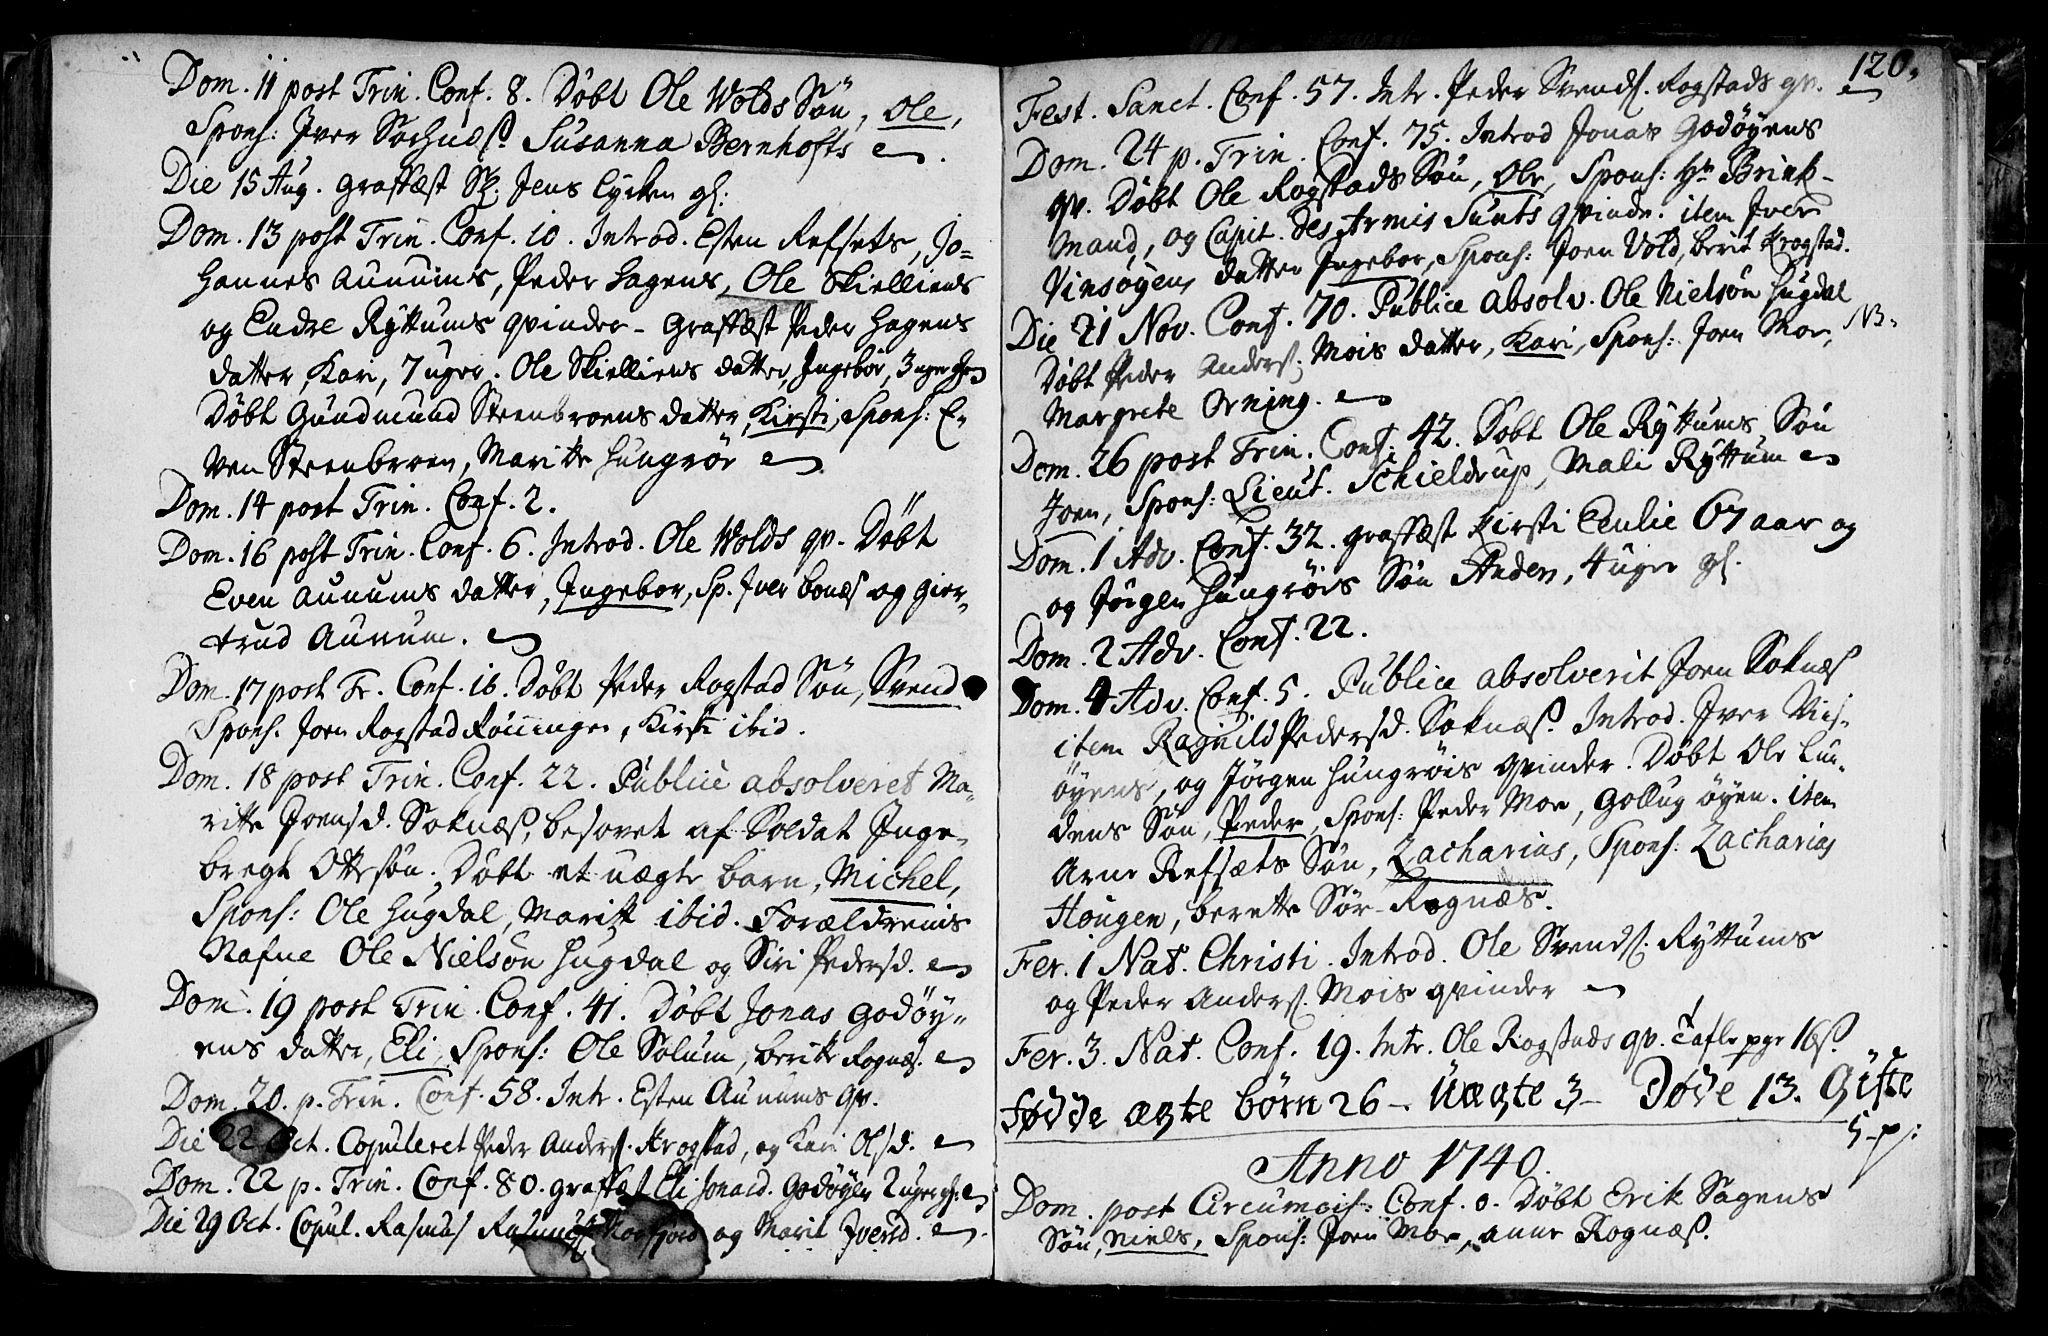 SAT, Ministerialprotokoller, klokkerbøker og fødselsregistre - Sør-Trøndelag, 687/L0990: Ministerialbok nr. 687A01, 1690-1746, s. 120